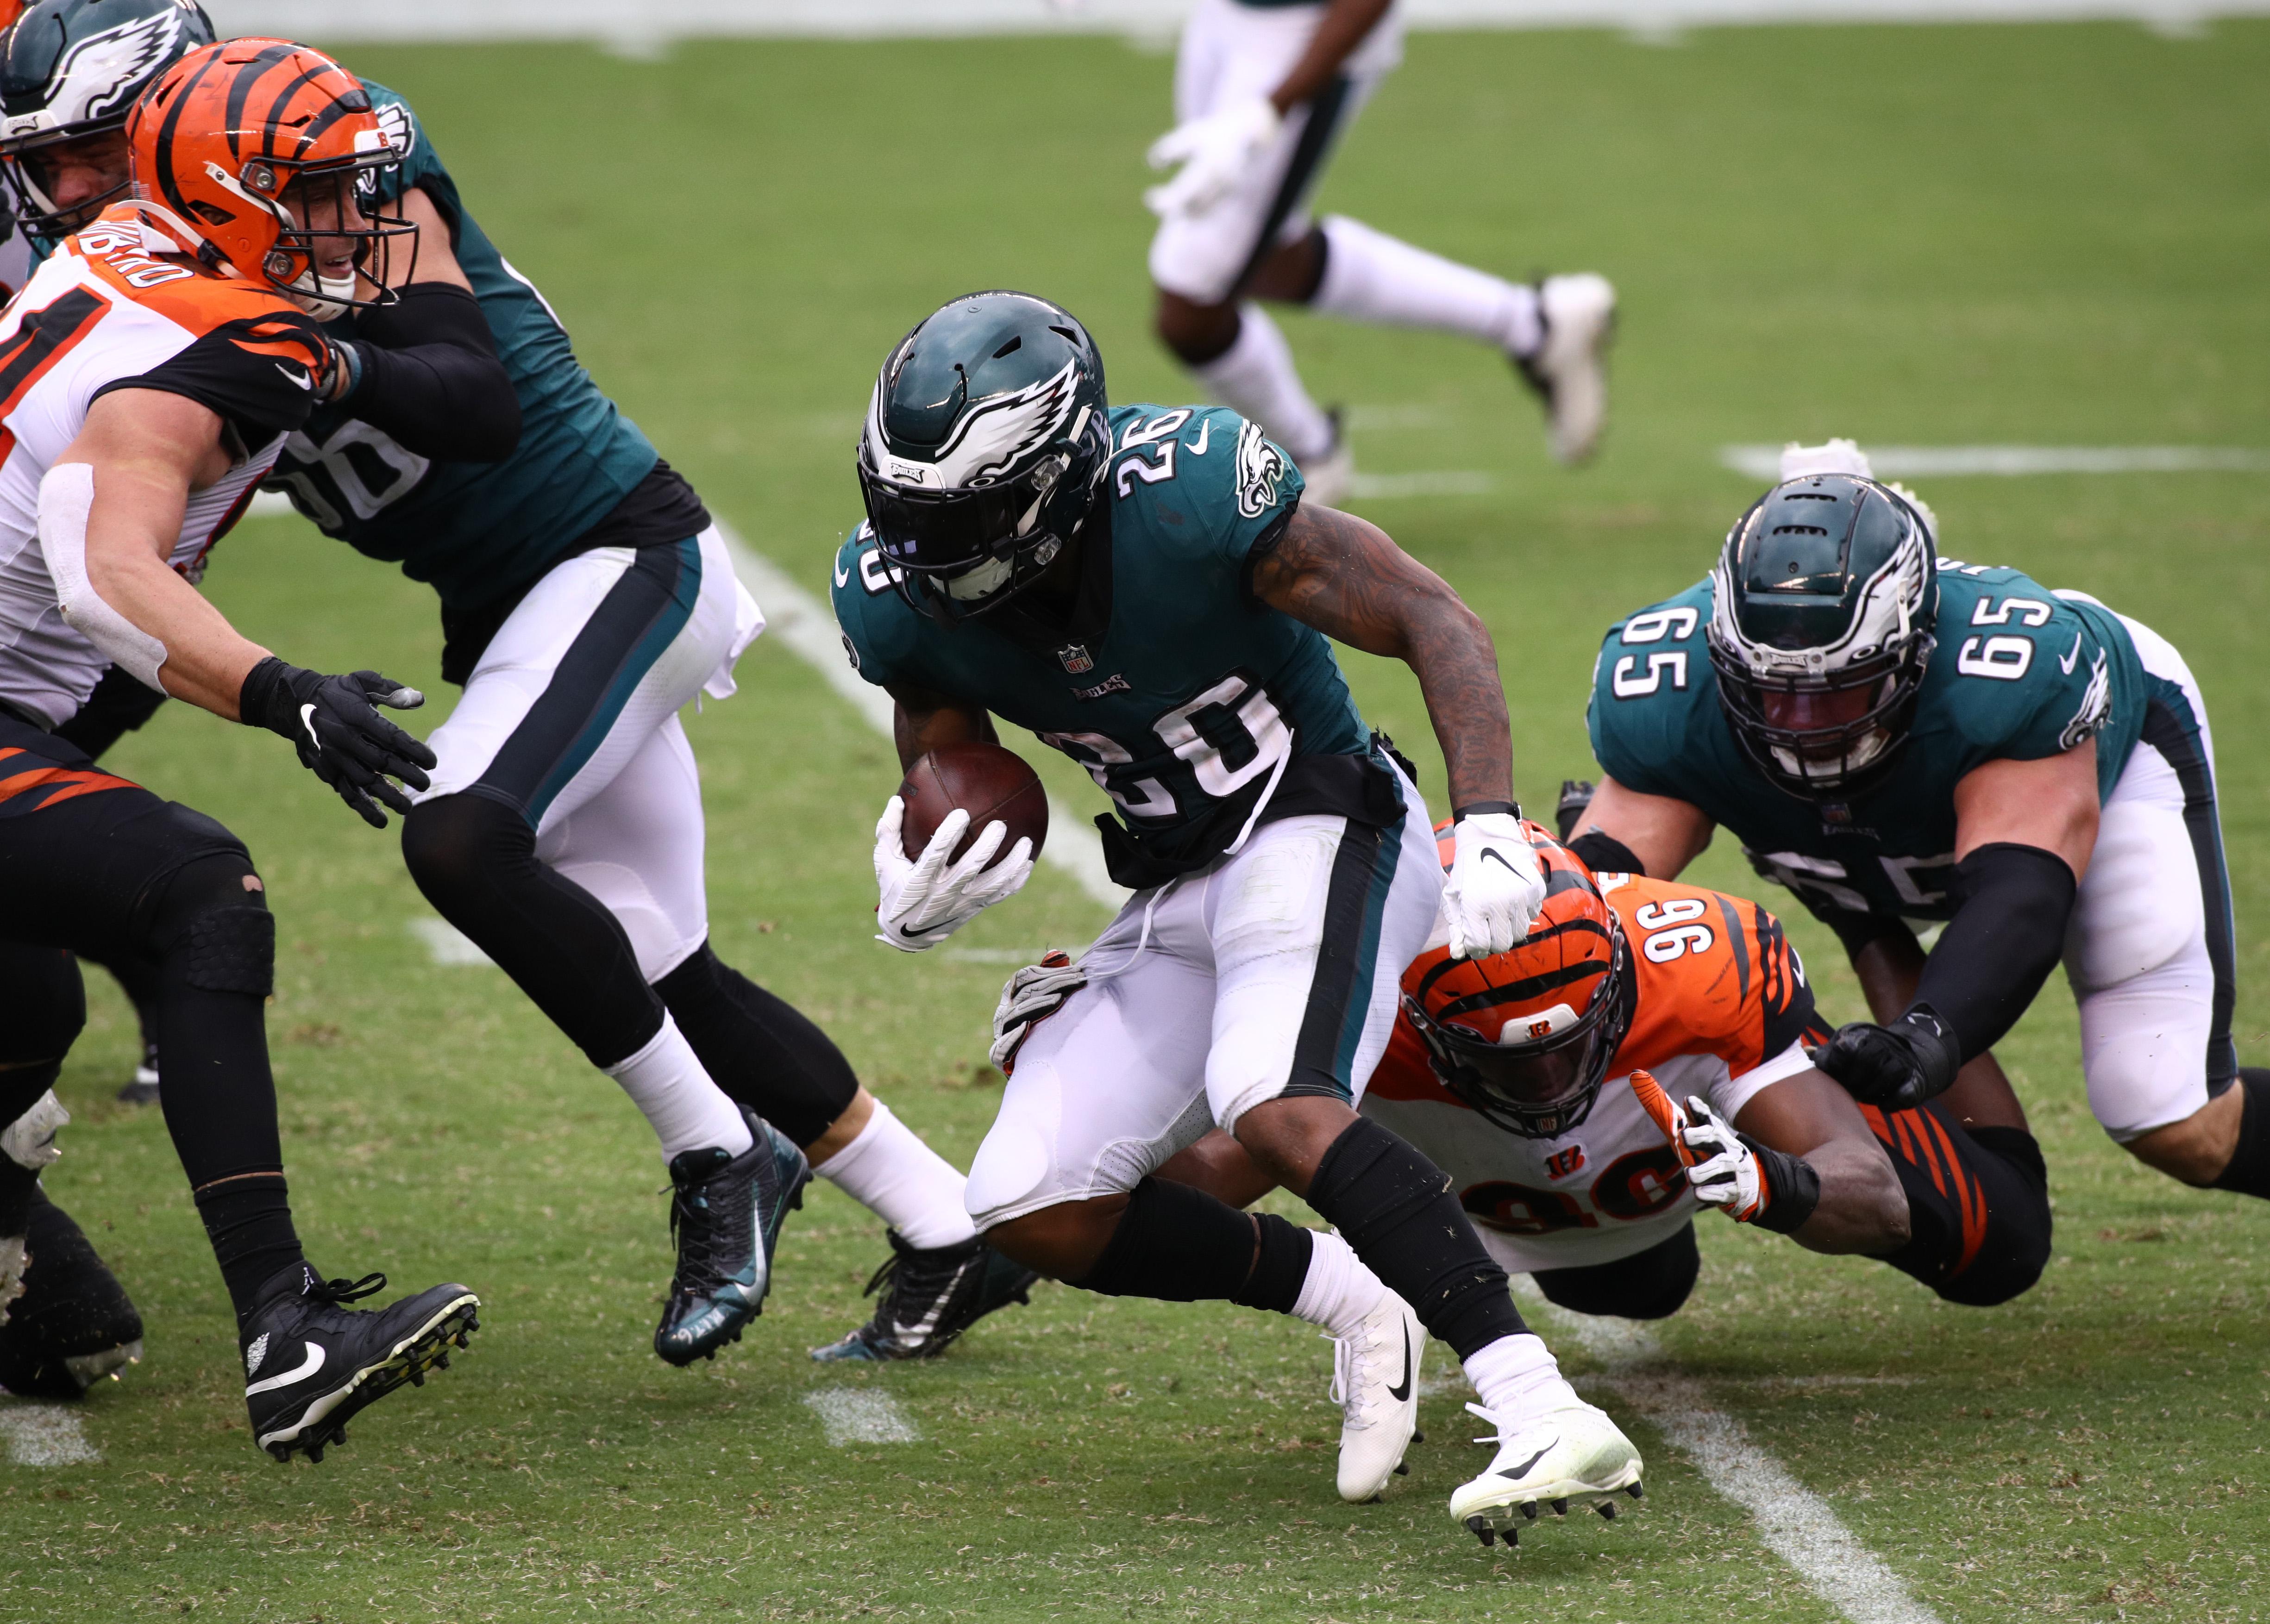 NFL: SEP 27 Bengals at Eagles